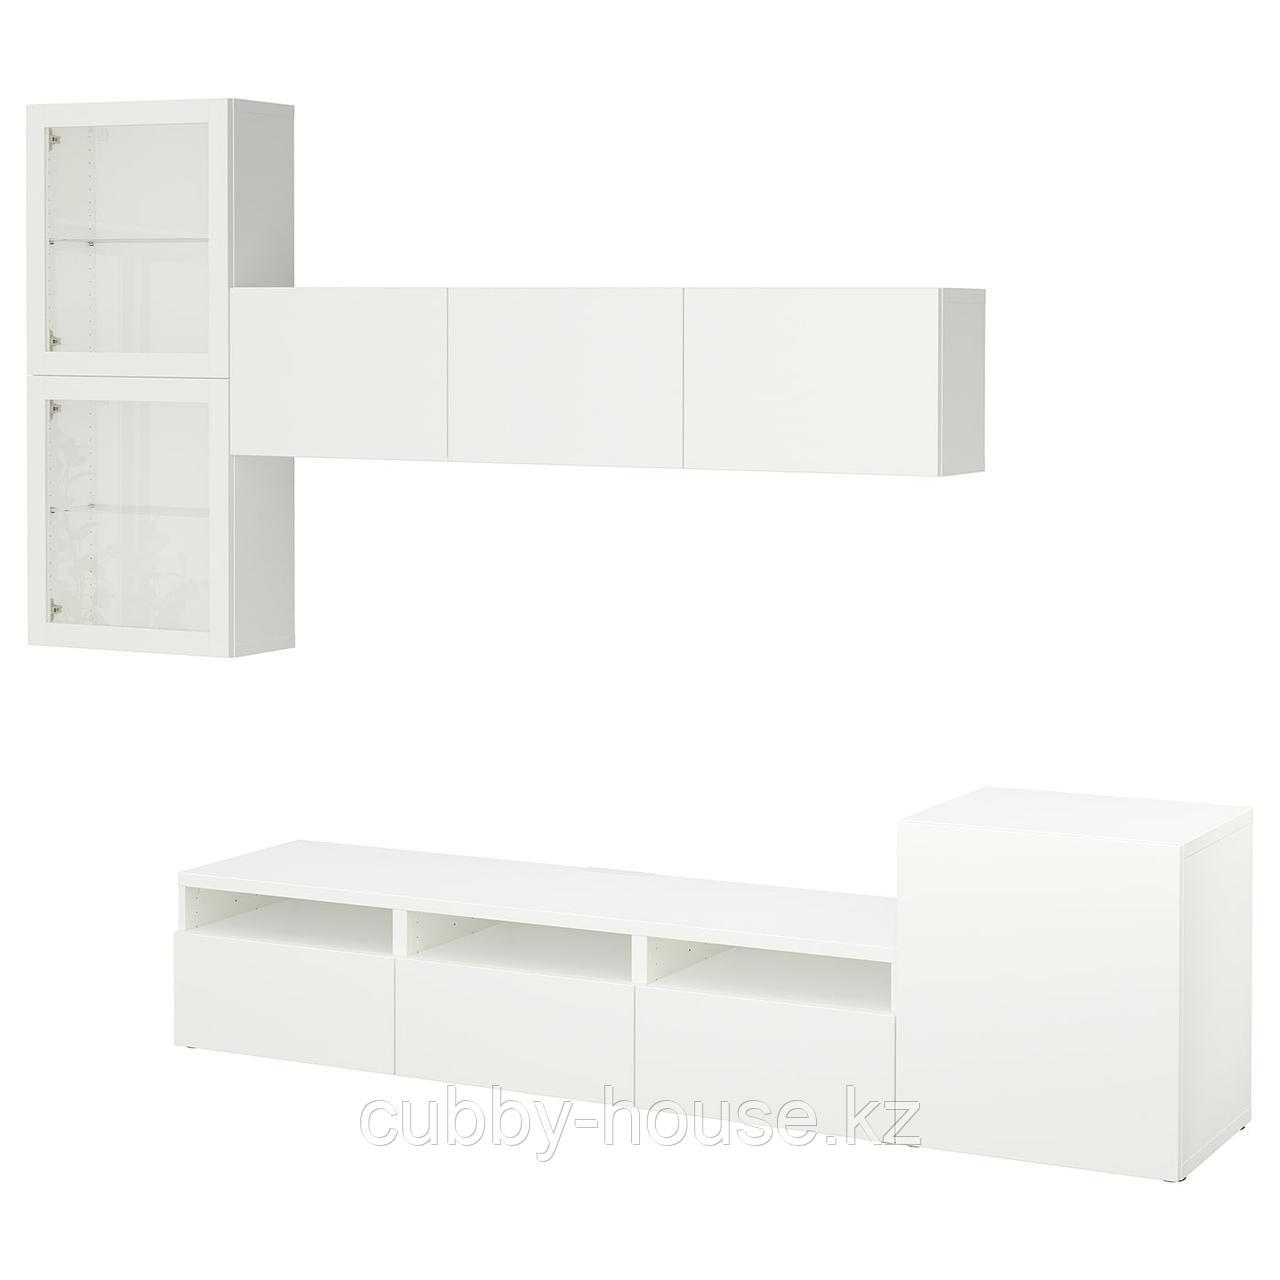 БЕСТО Шкаф для ТВ, комбин/стеклян дверцы, белый, Нотвикен серо-зеленый прозрачное стекло, 300x42x211 см